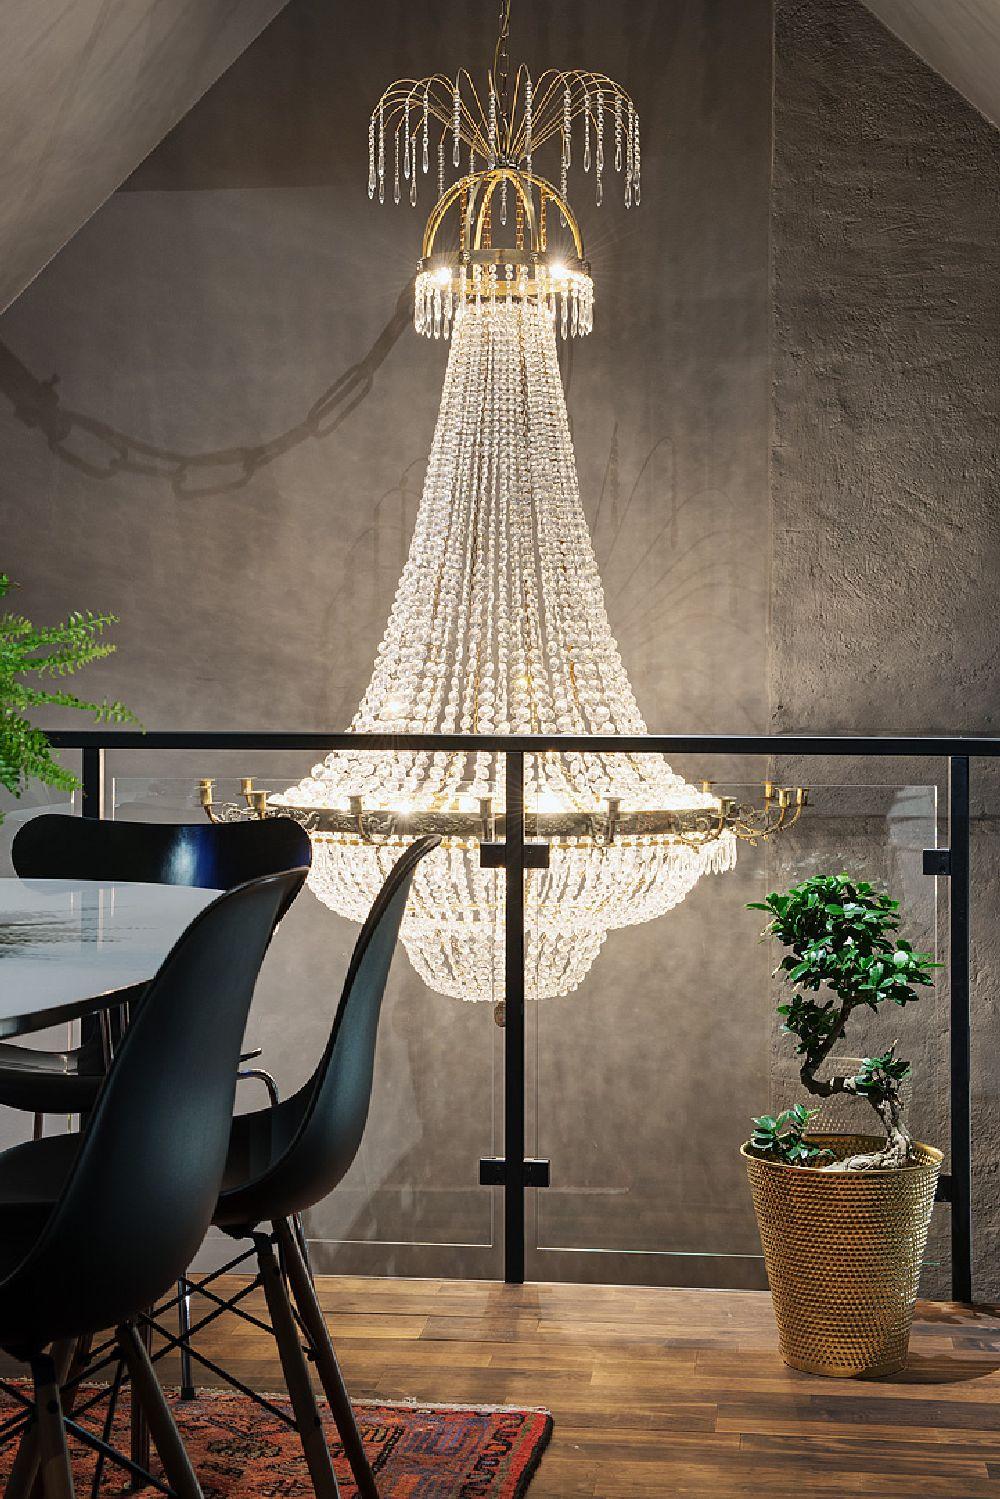 adelaparvu.com despre locuinta la mansarda cu pereti gri inchis, loft 120 mp Suedia, Foto Alvhem makleri (17)